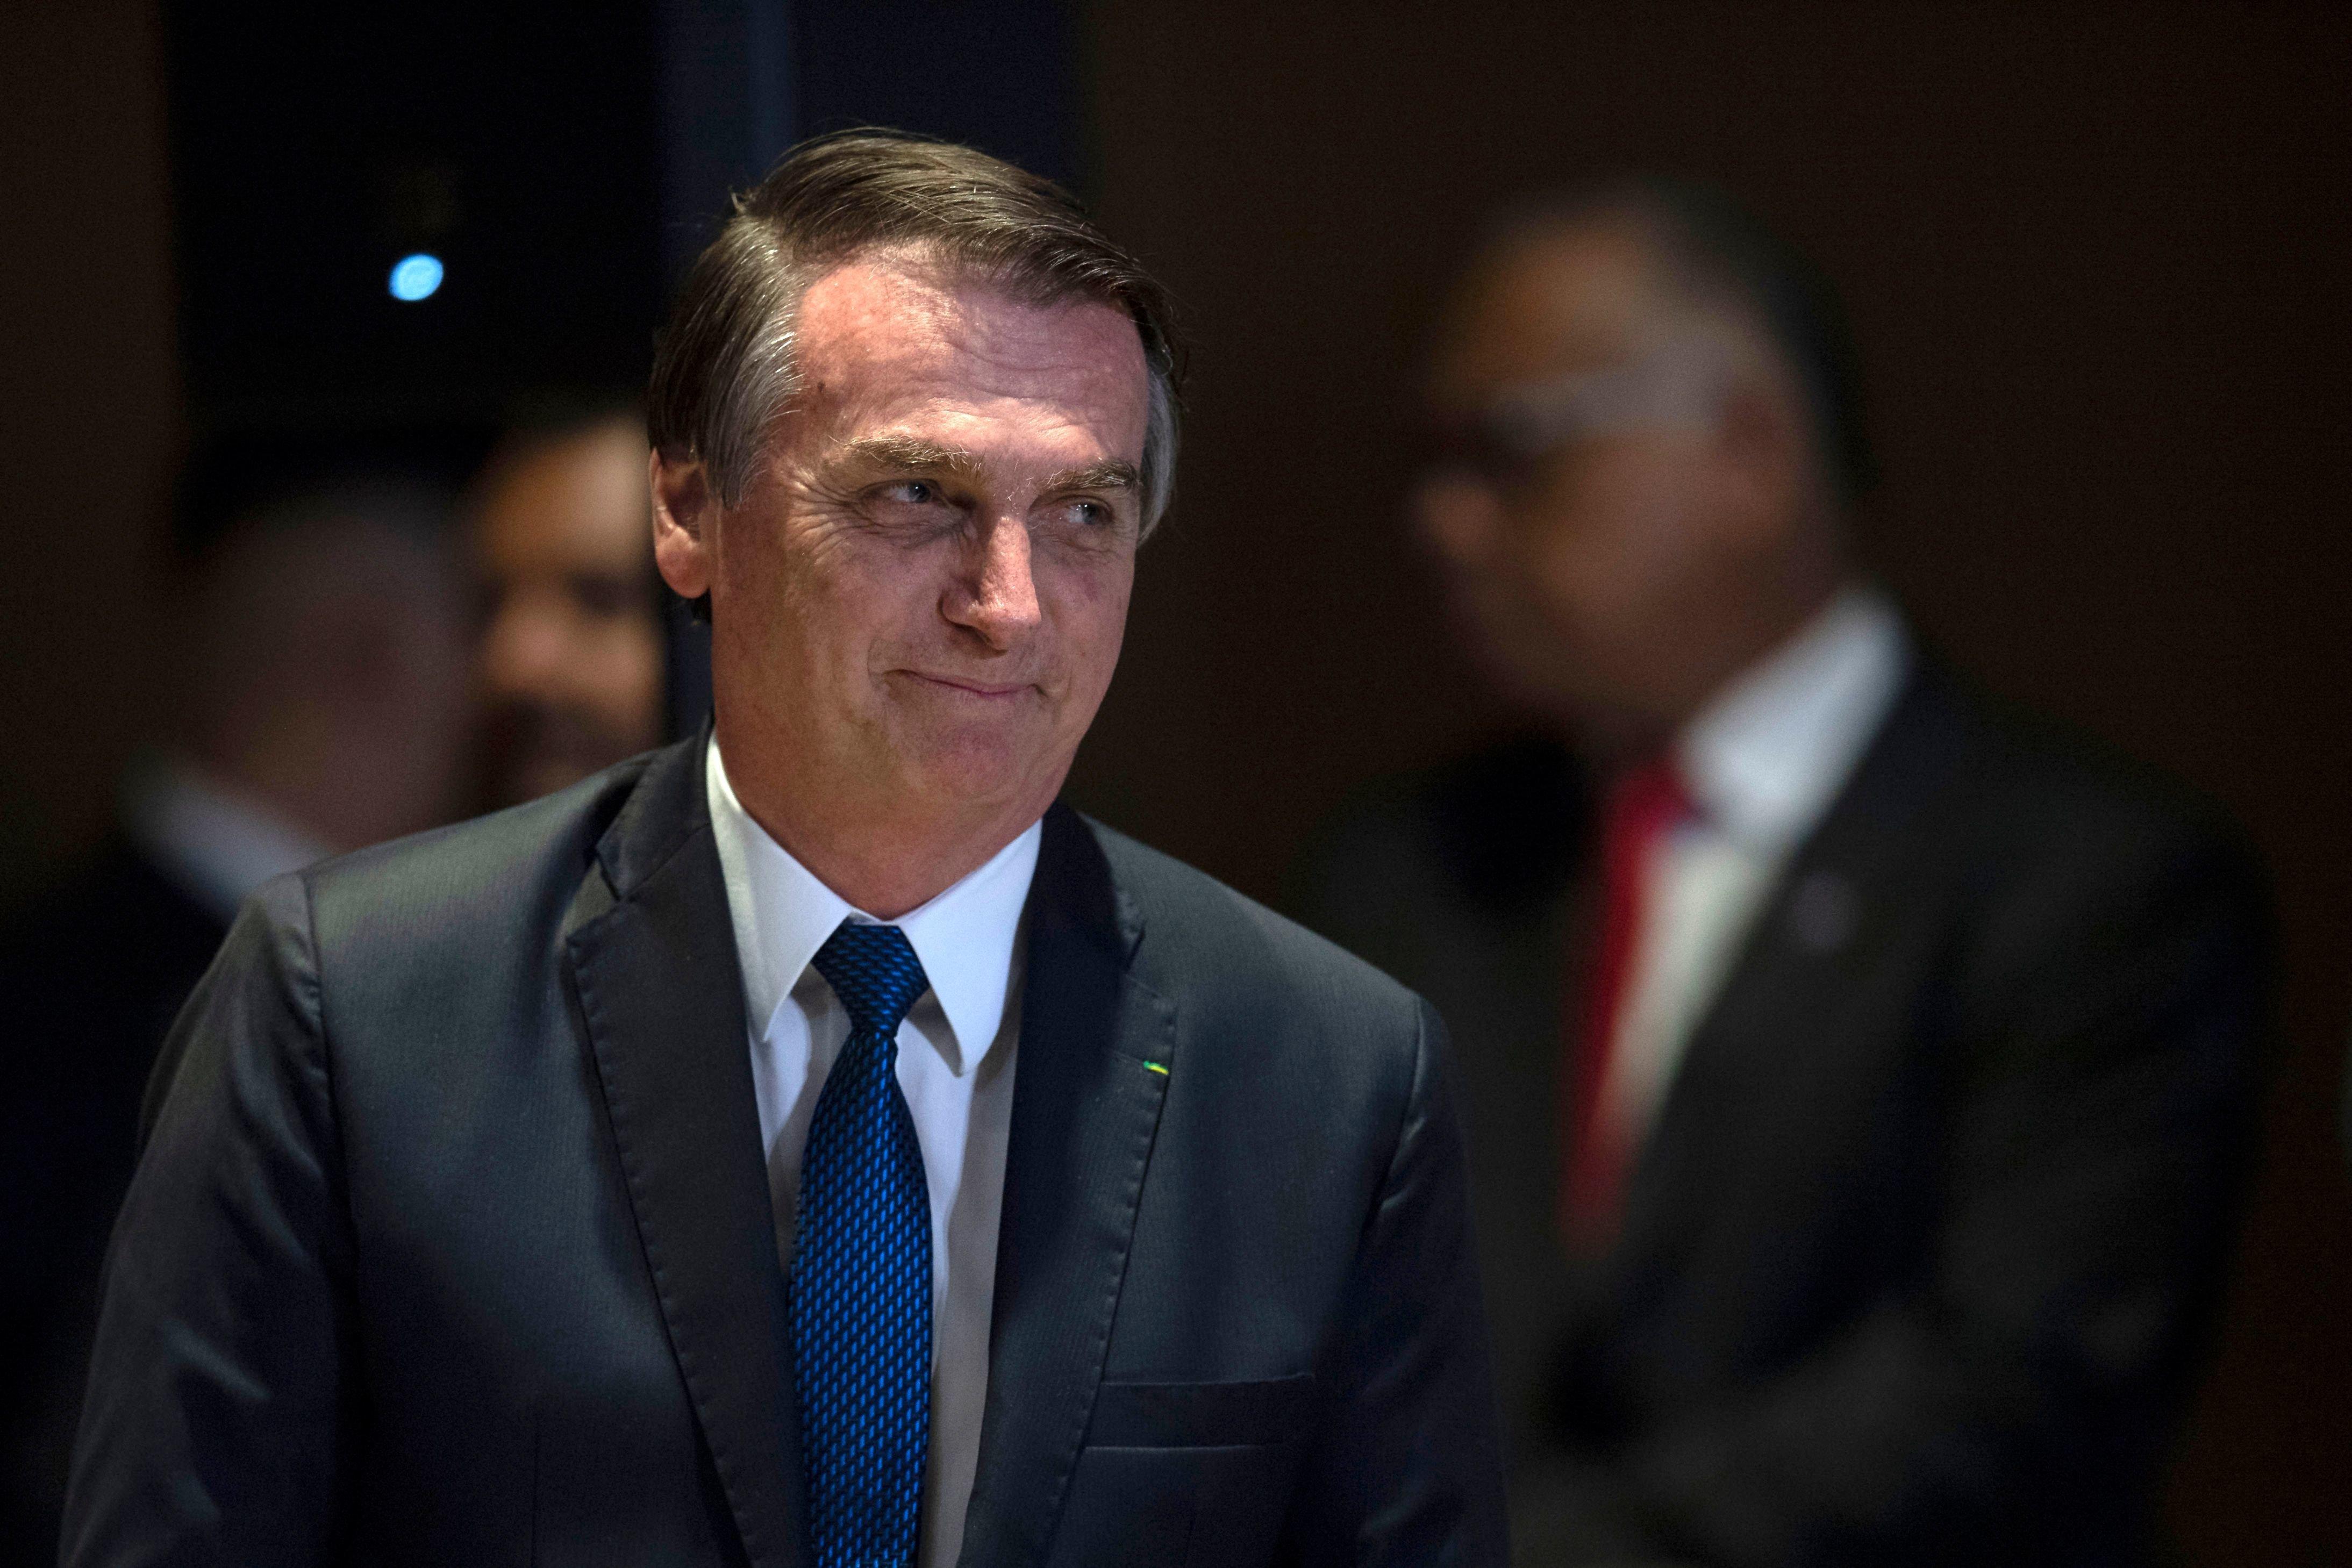 CNI: 35% dos brasileiros consideram o governo Bolsonaro bom ou ótimo; Para 27%, é ruim ou